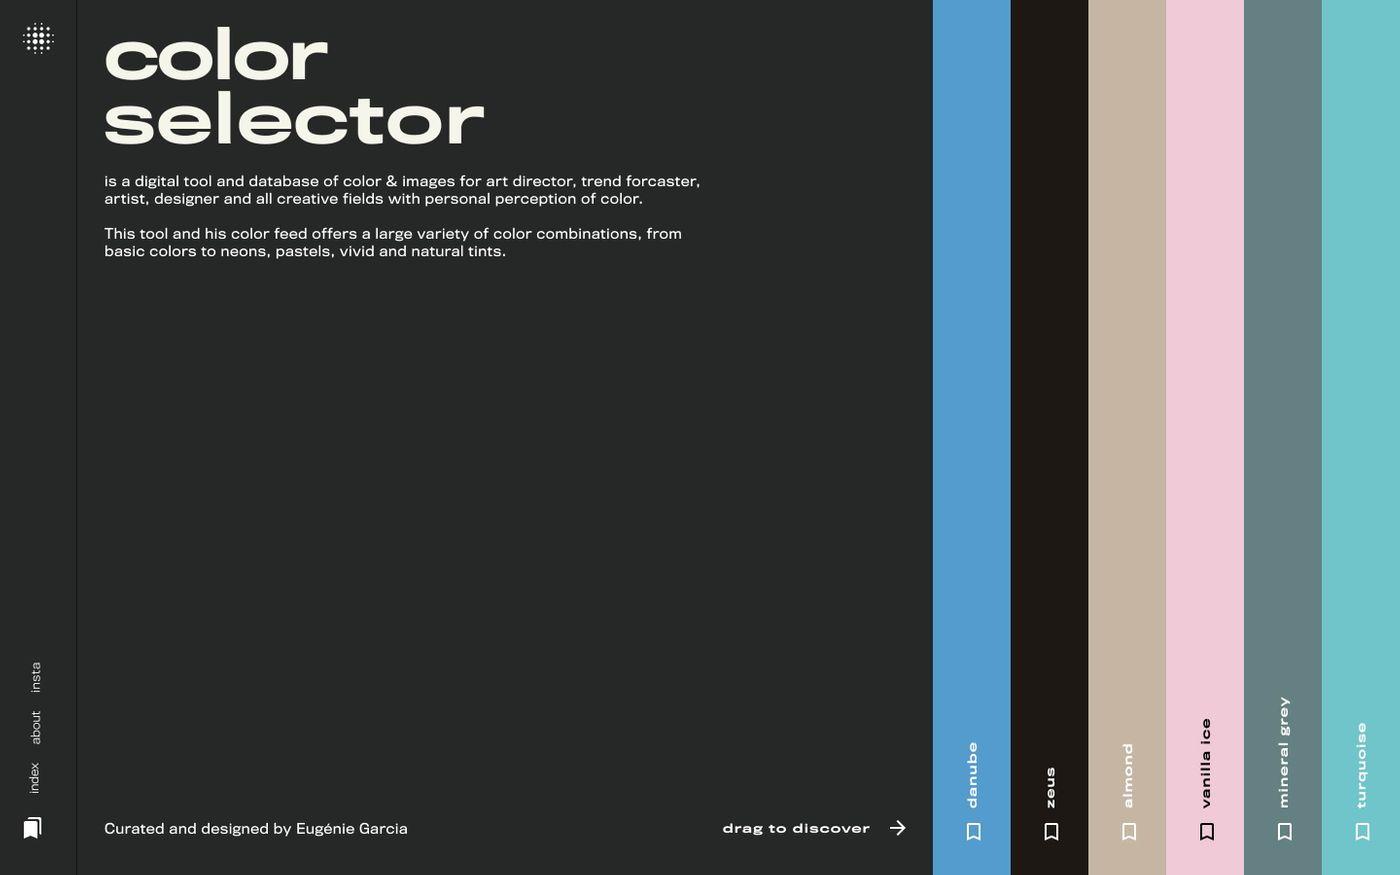 Screenshot of Color Selector website